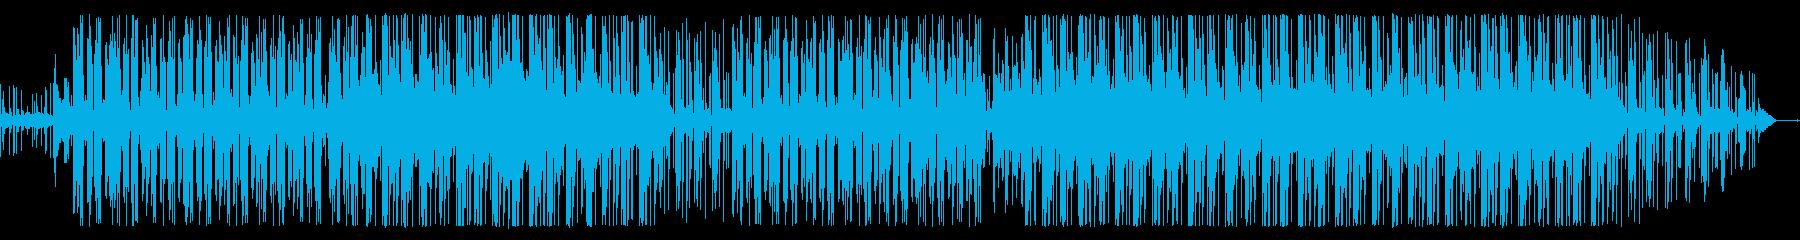 流れるような、少しジャジーなチルア...の再生済みの波形